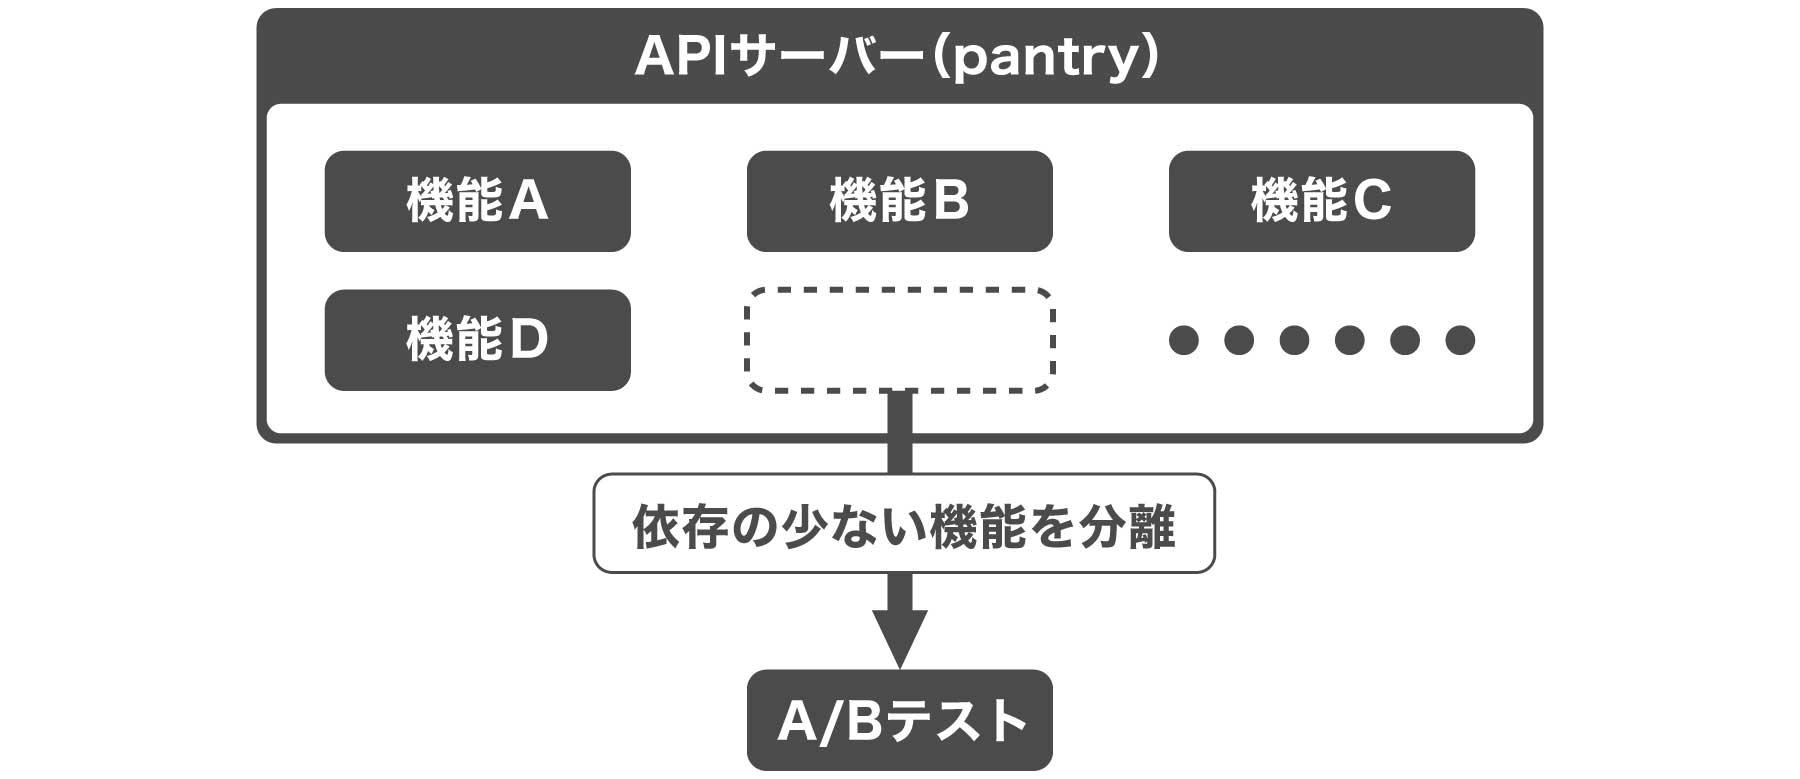 クックパッドのマイクロサービス化図版2